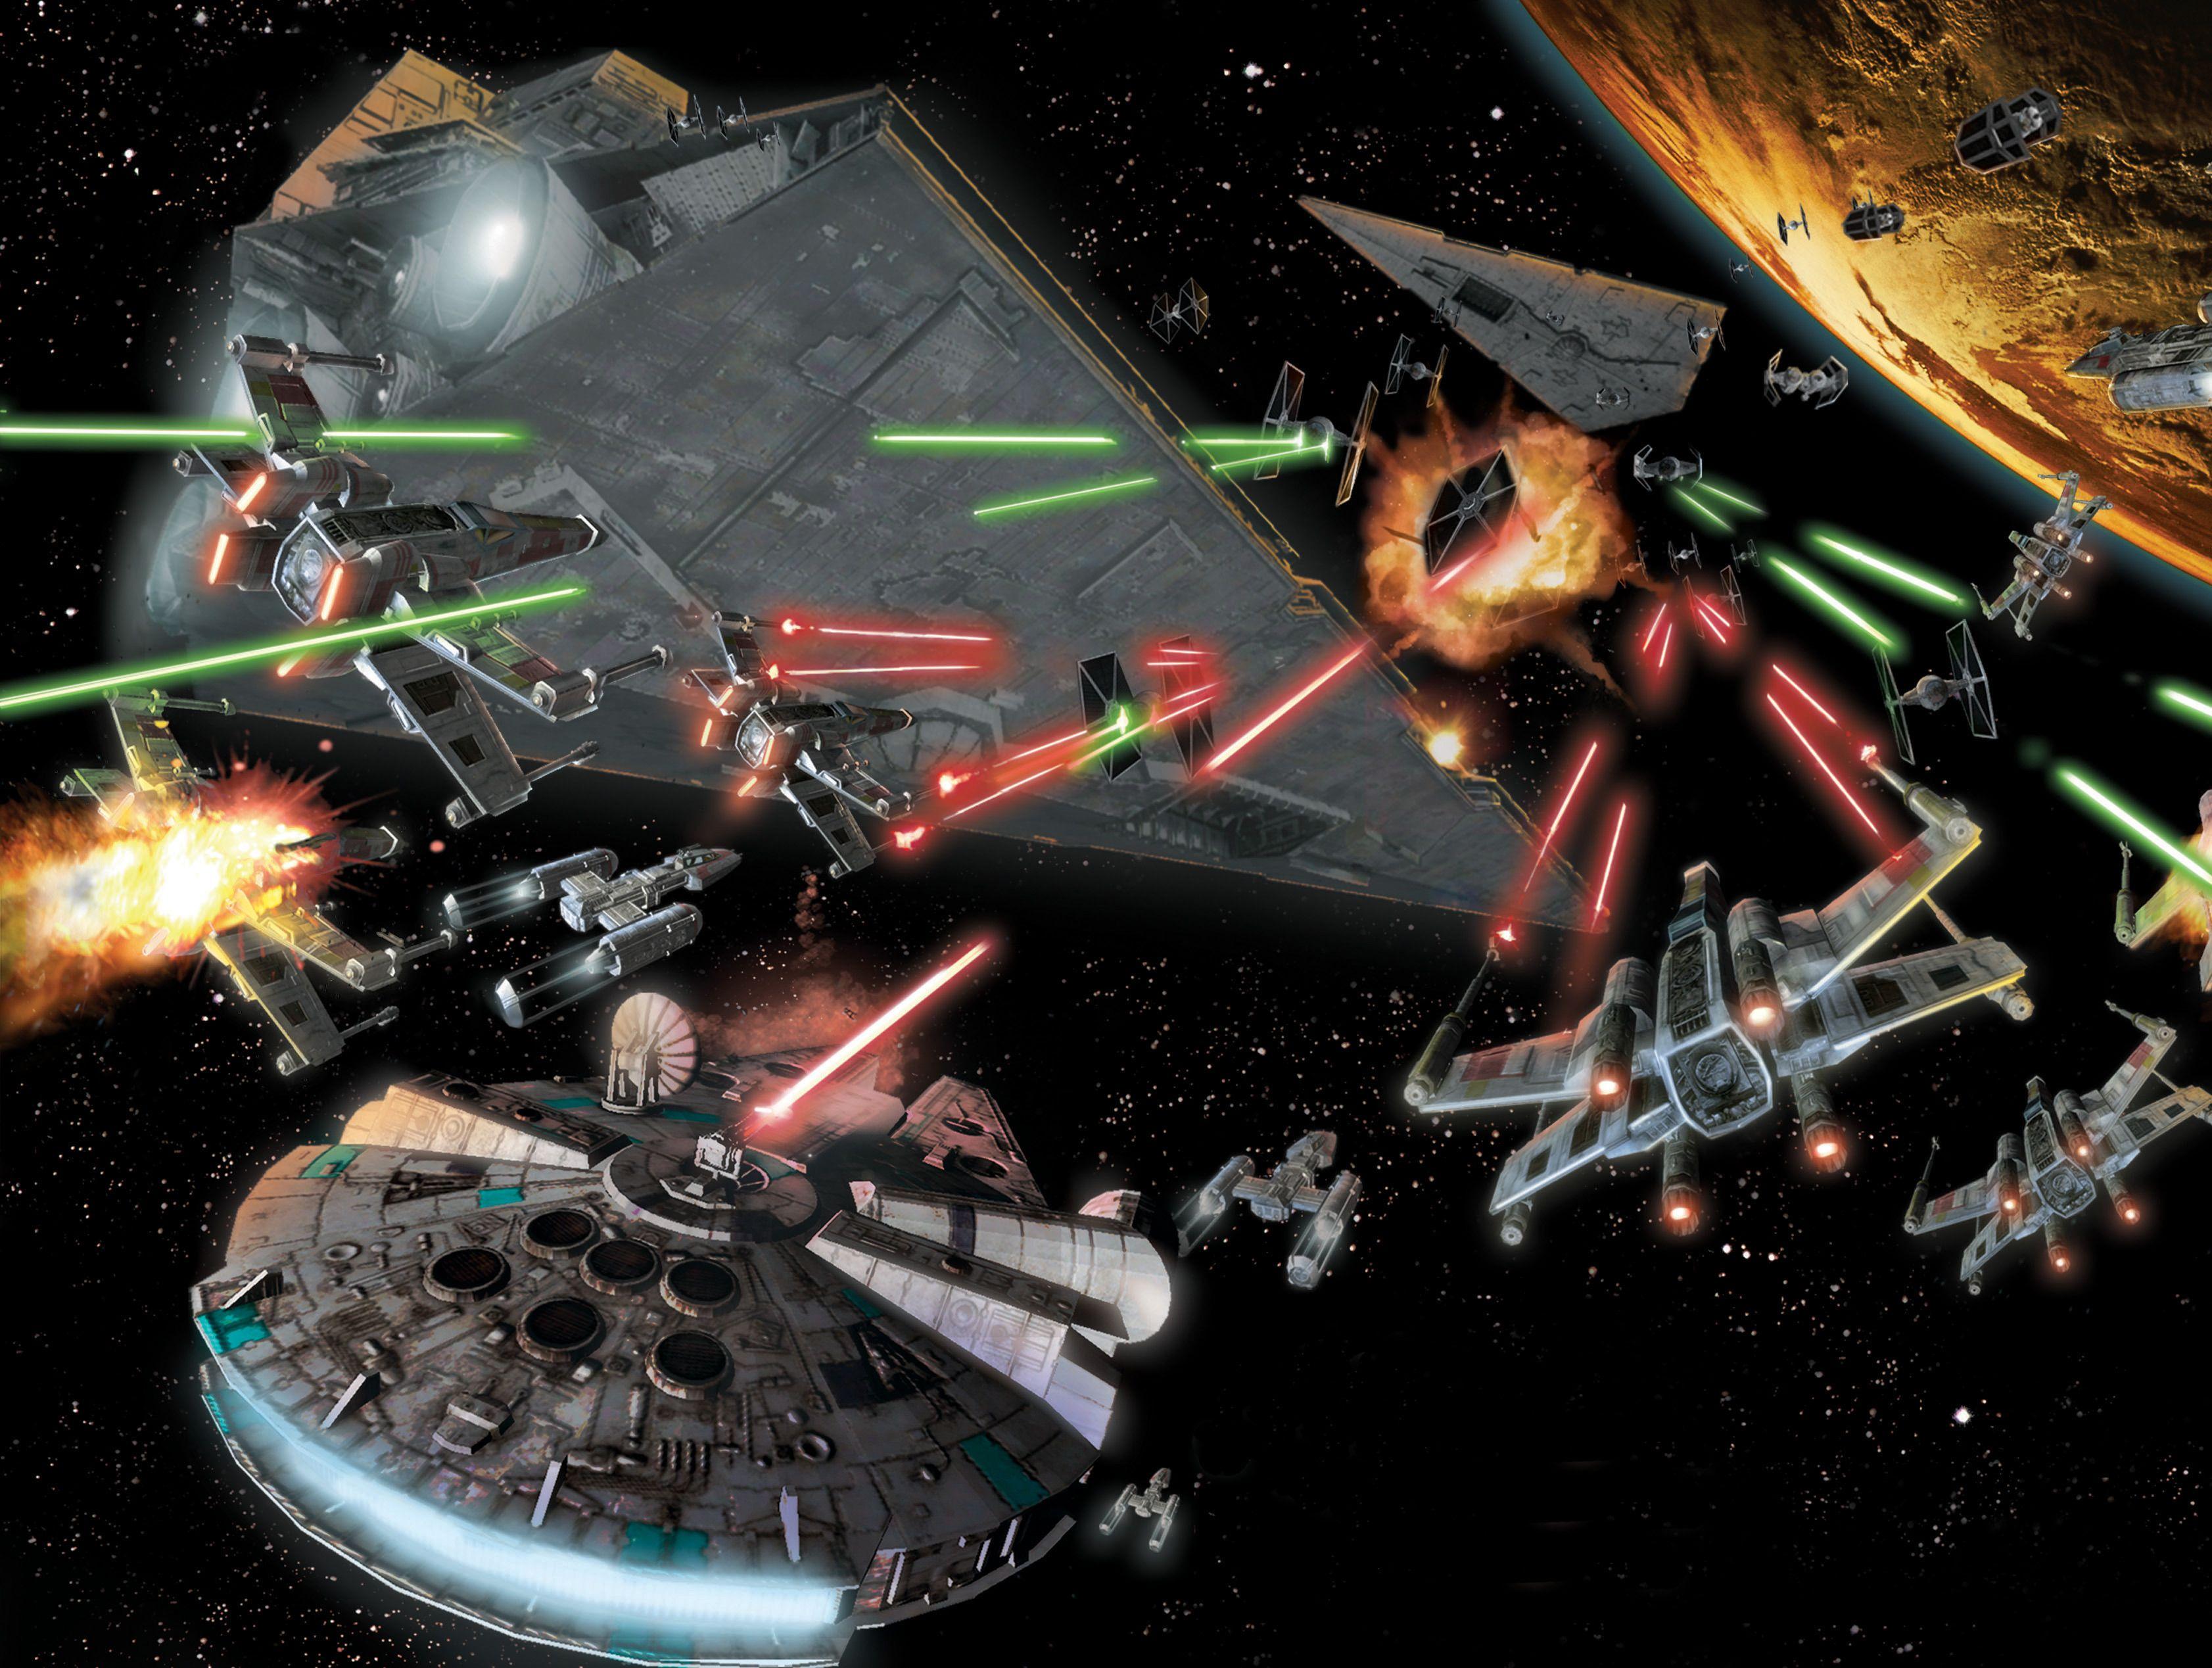 Det blir kanskje ikke helt slike tilstander enda, men laser er kult uansett. Foto: Star Wars Wikia